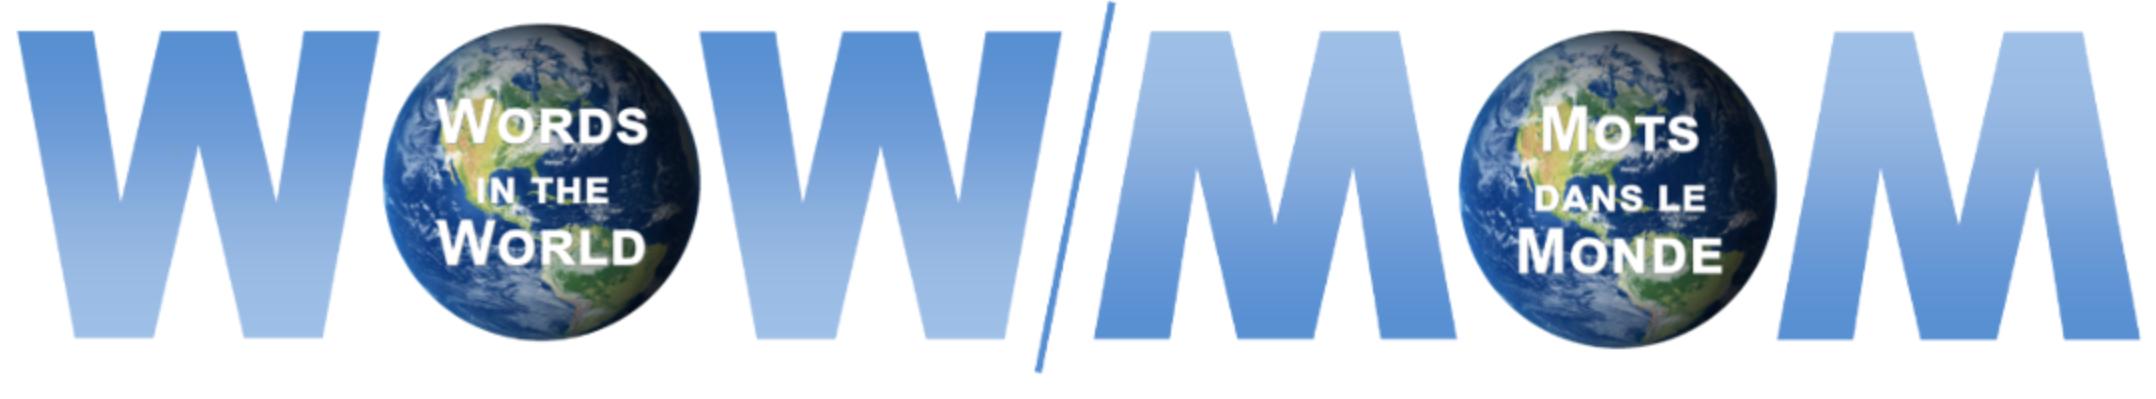 Présentation orale à MOM / Oral presentation at WOW